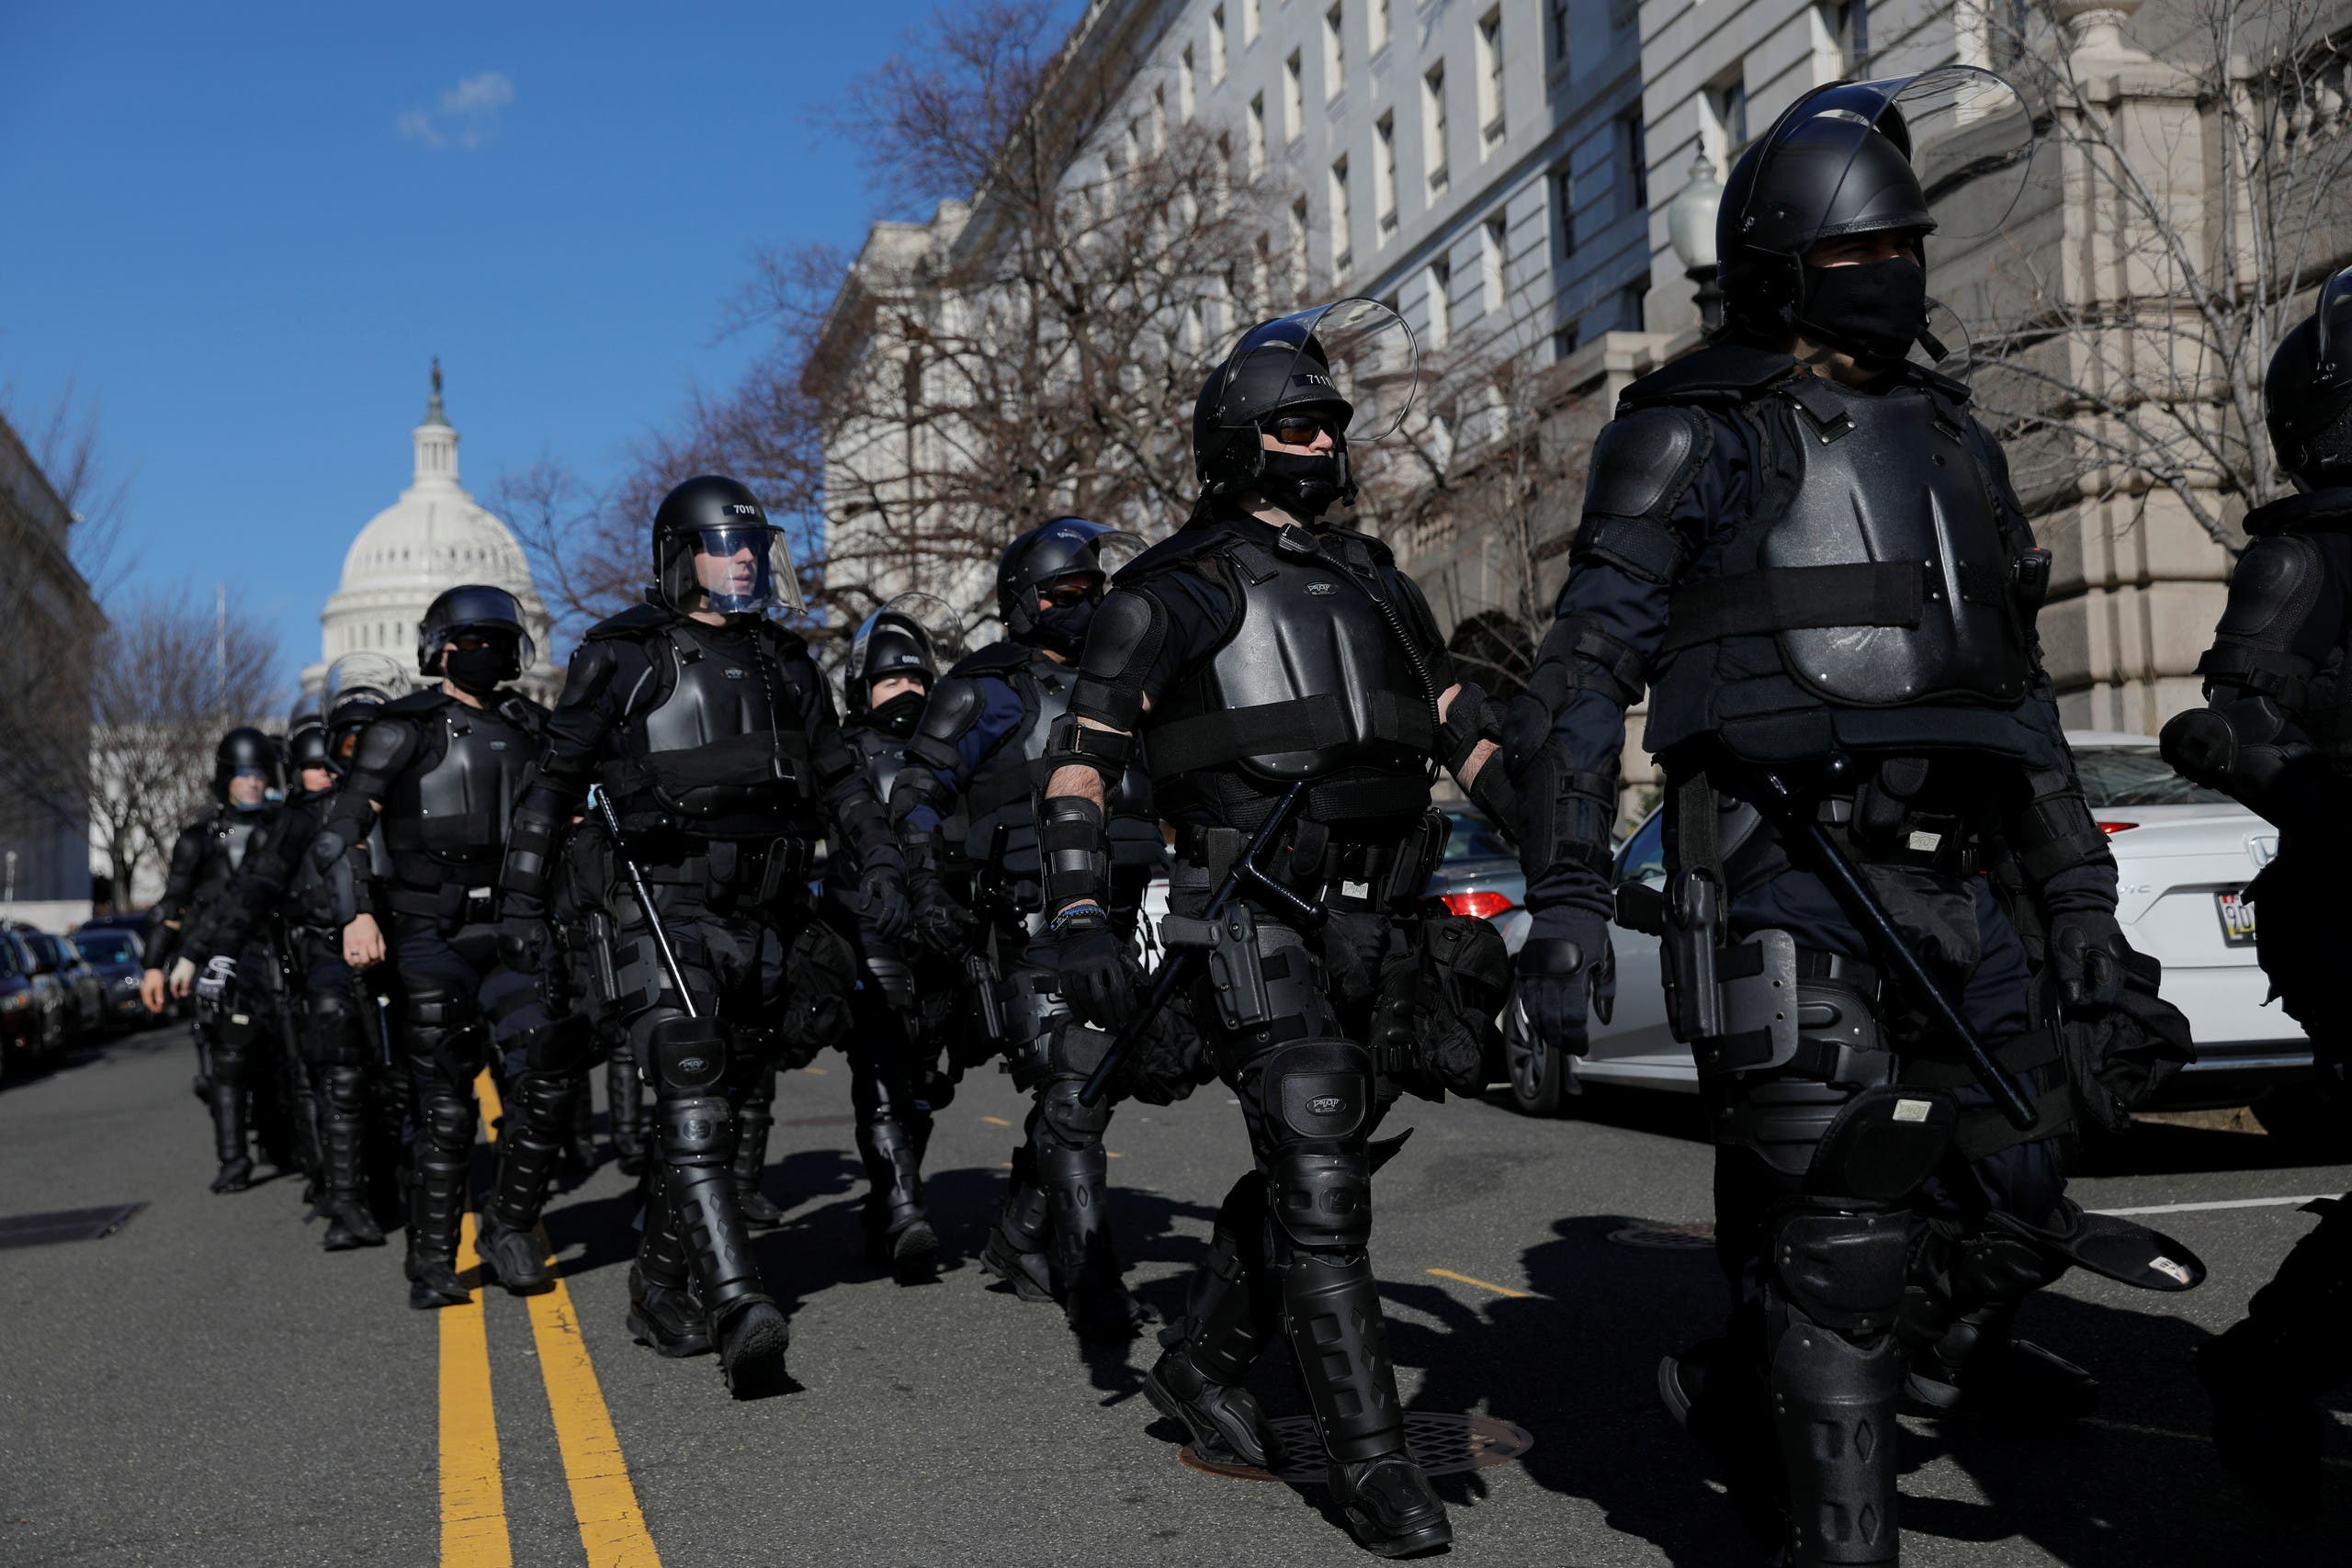 عناصر من شرطة الكابيتول (أرشيفية)